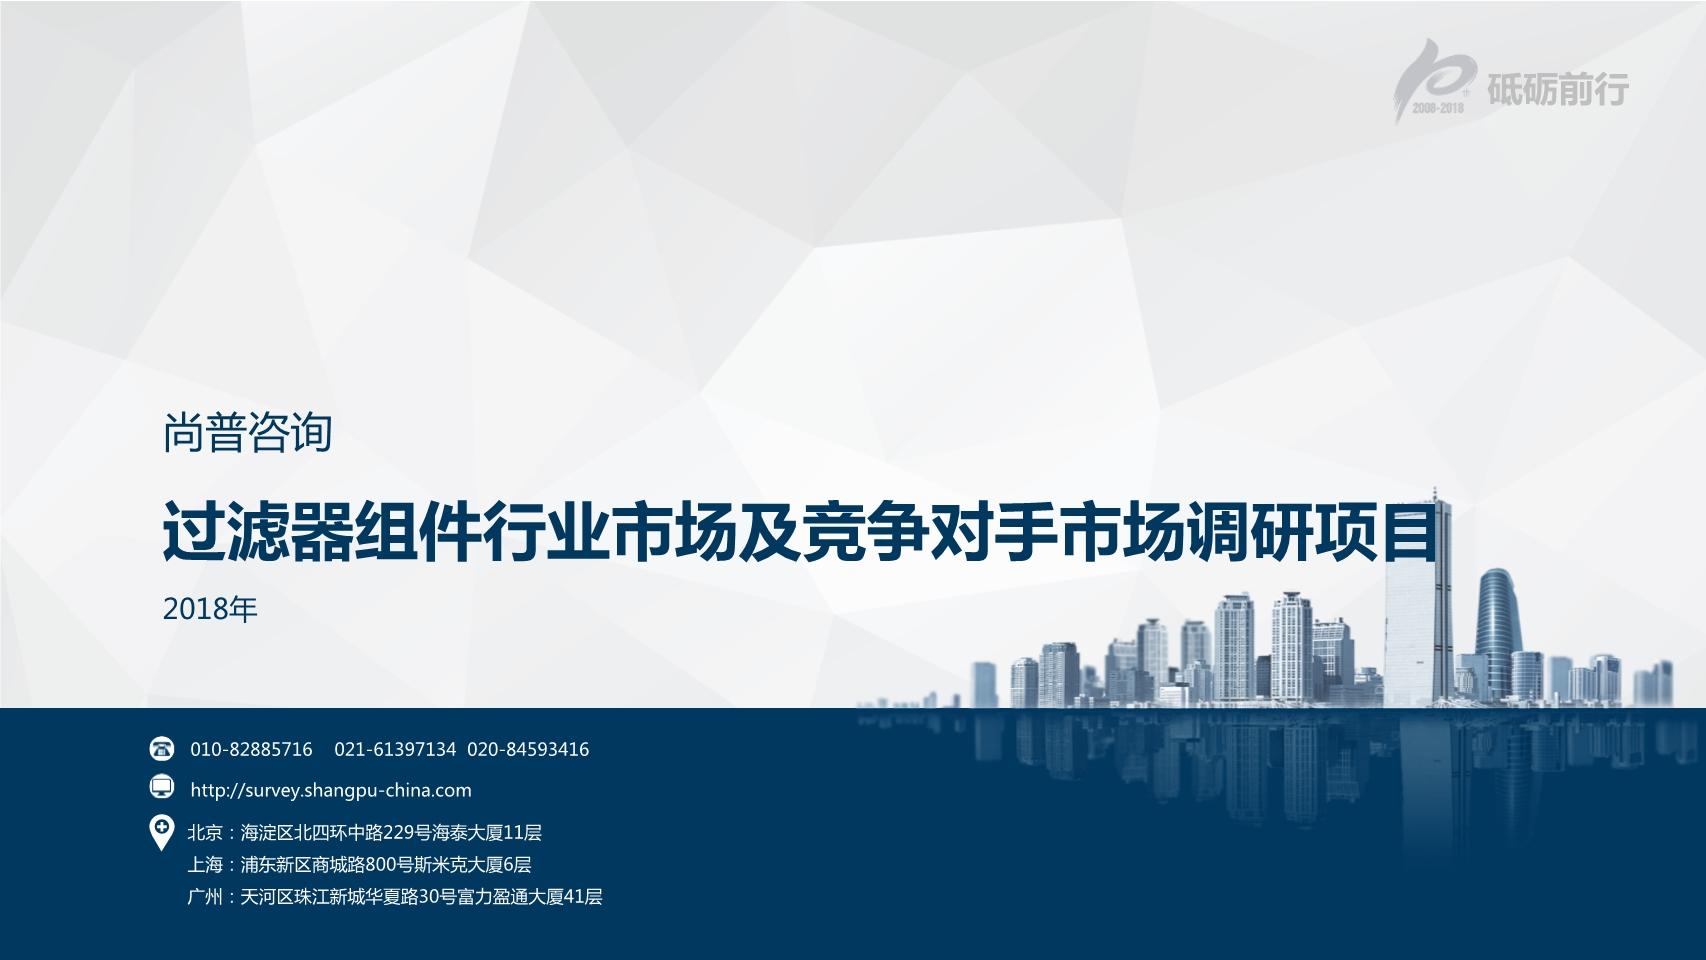 尚普咨询—过滤器组件行业市场调研